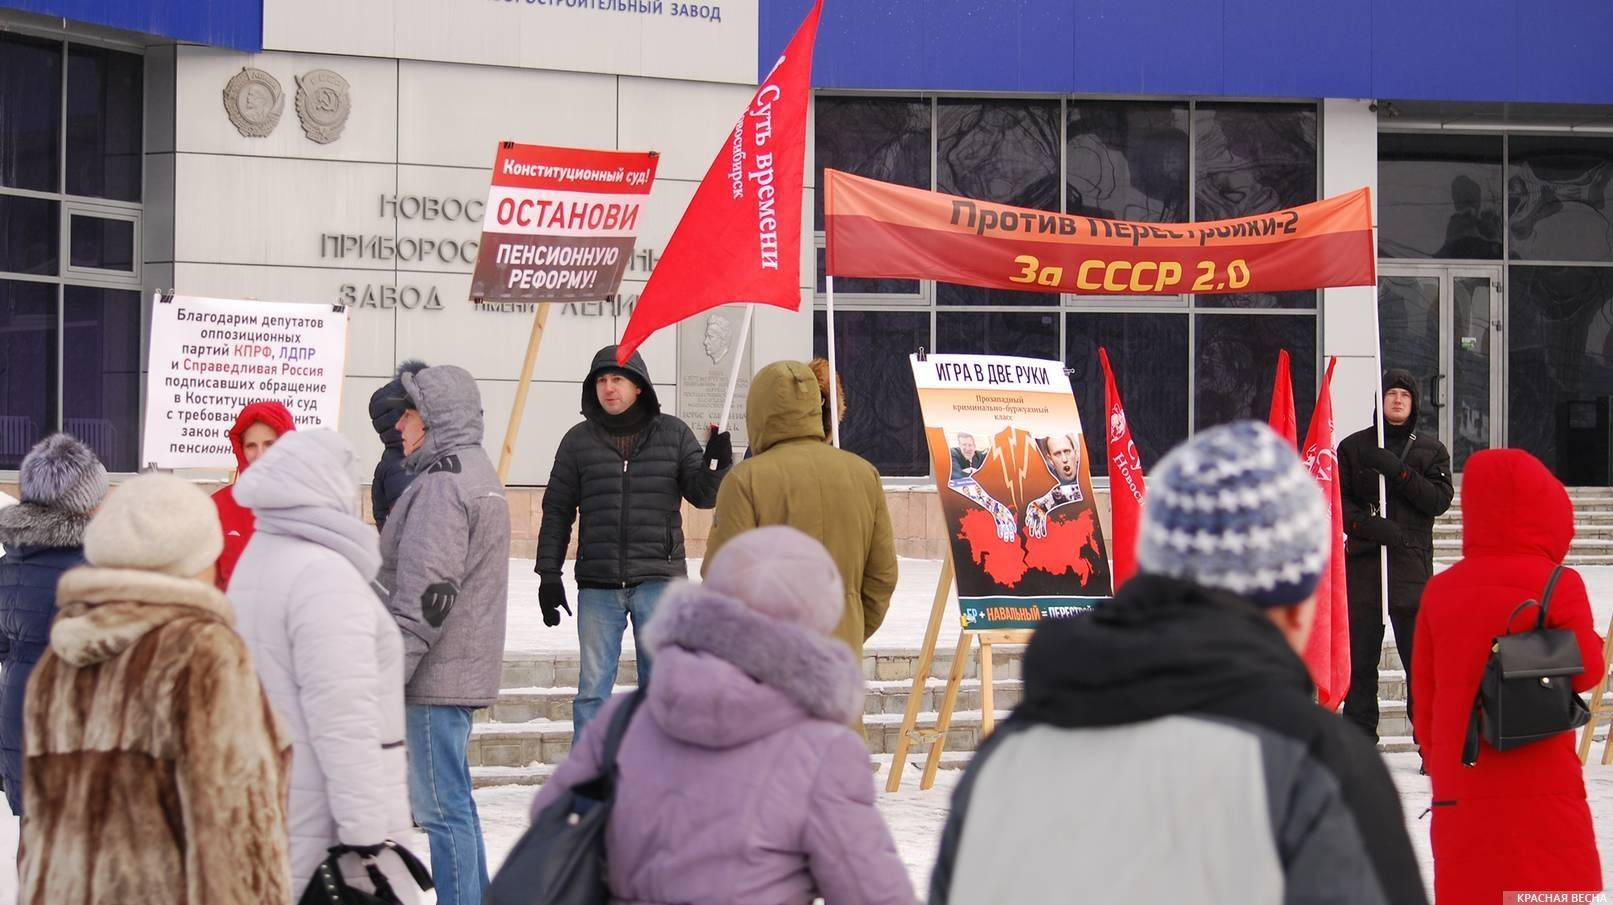 Пенсионная реформа играет на руку силам, мечтающем о развале России – массовый пикет в Новосибирске